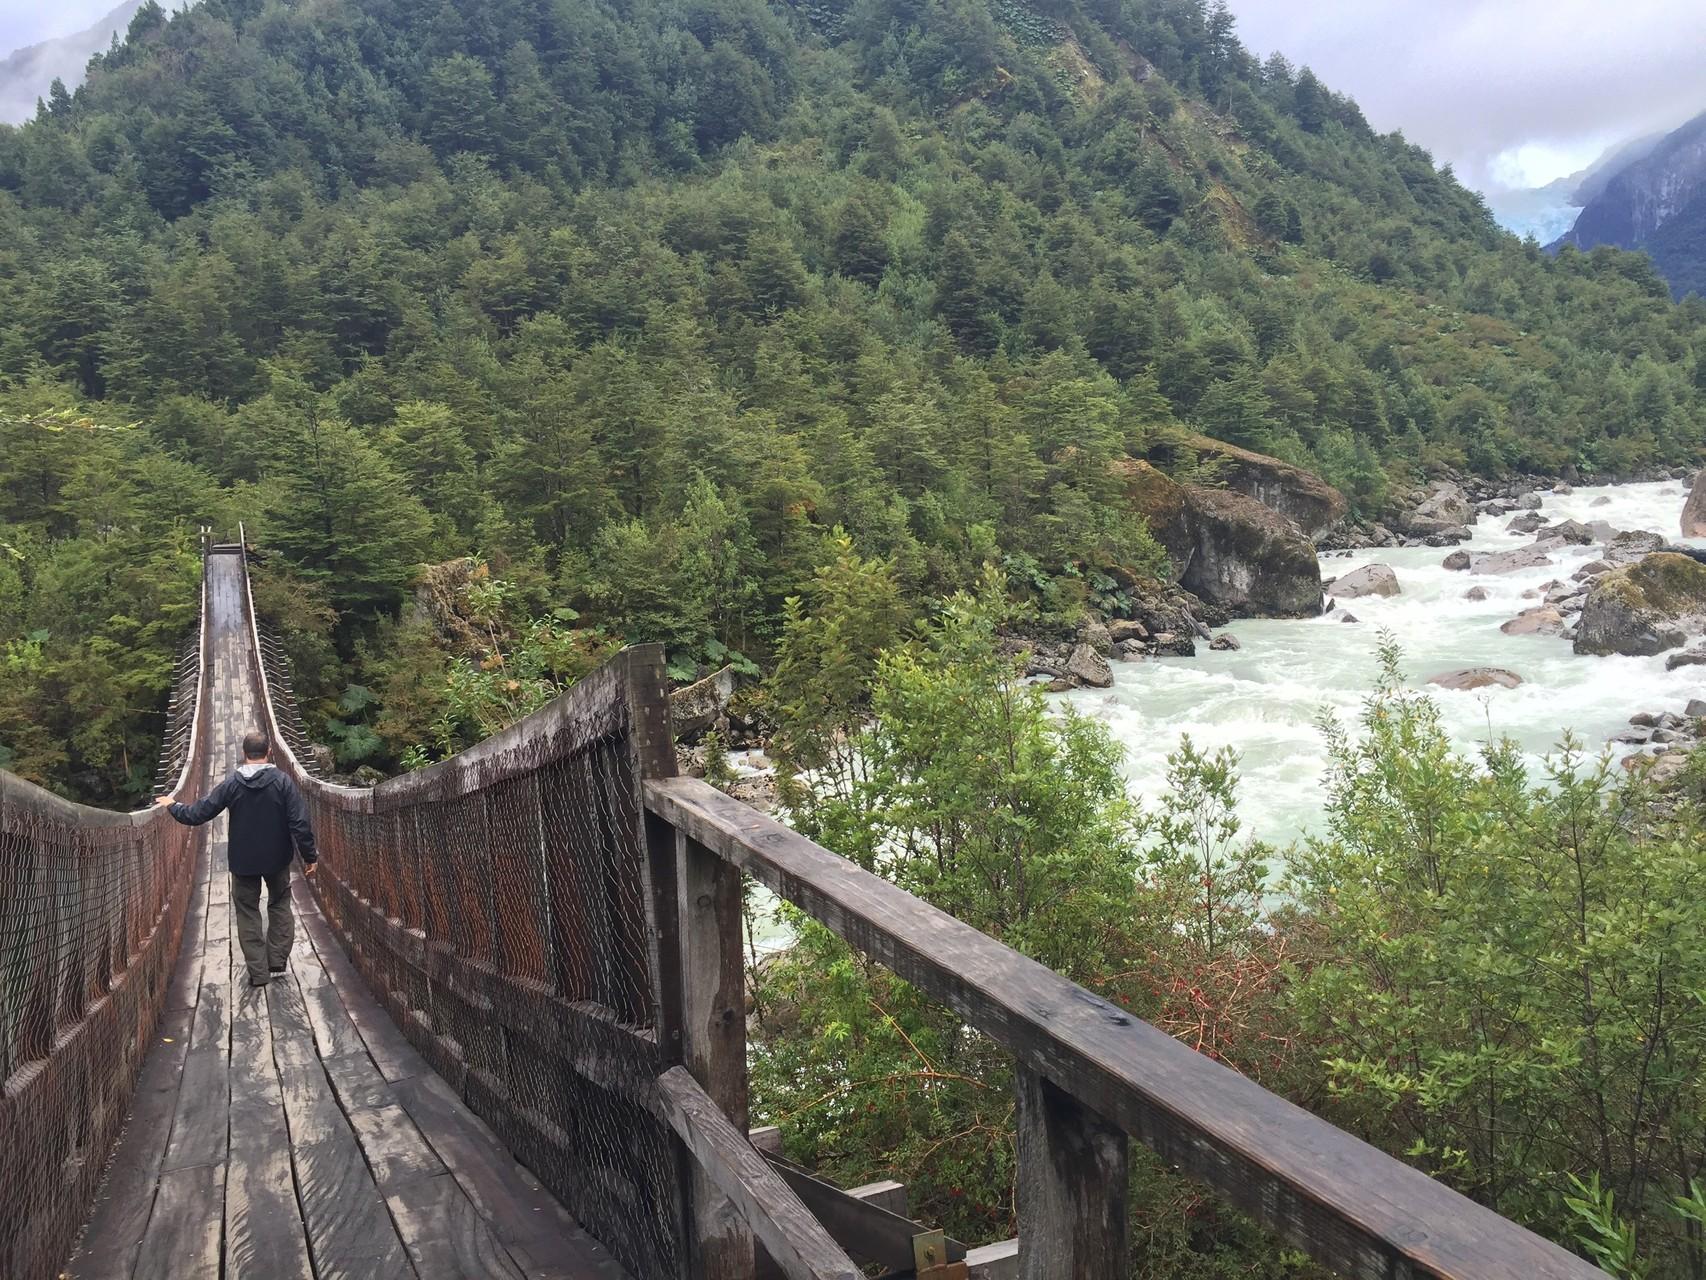 Auf der Wanderung zum hängenden Gletscher